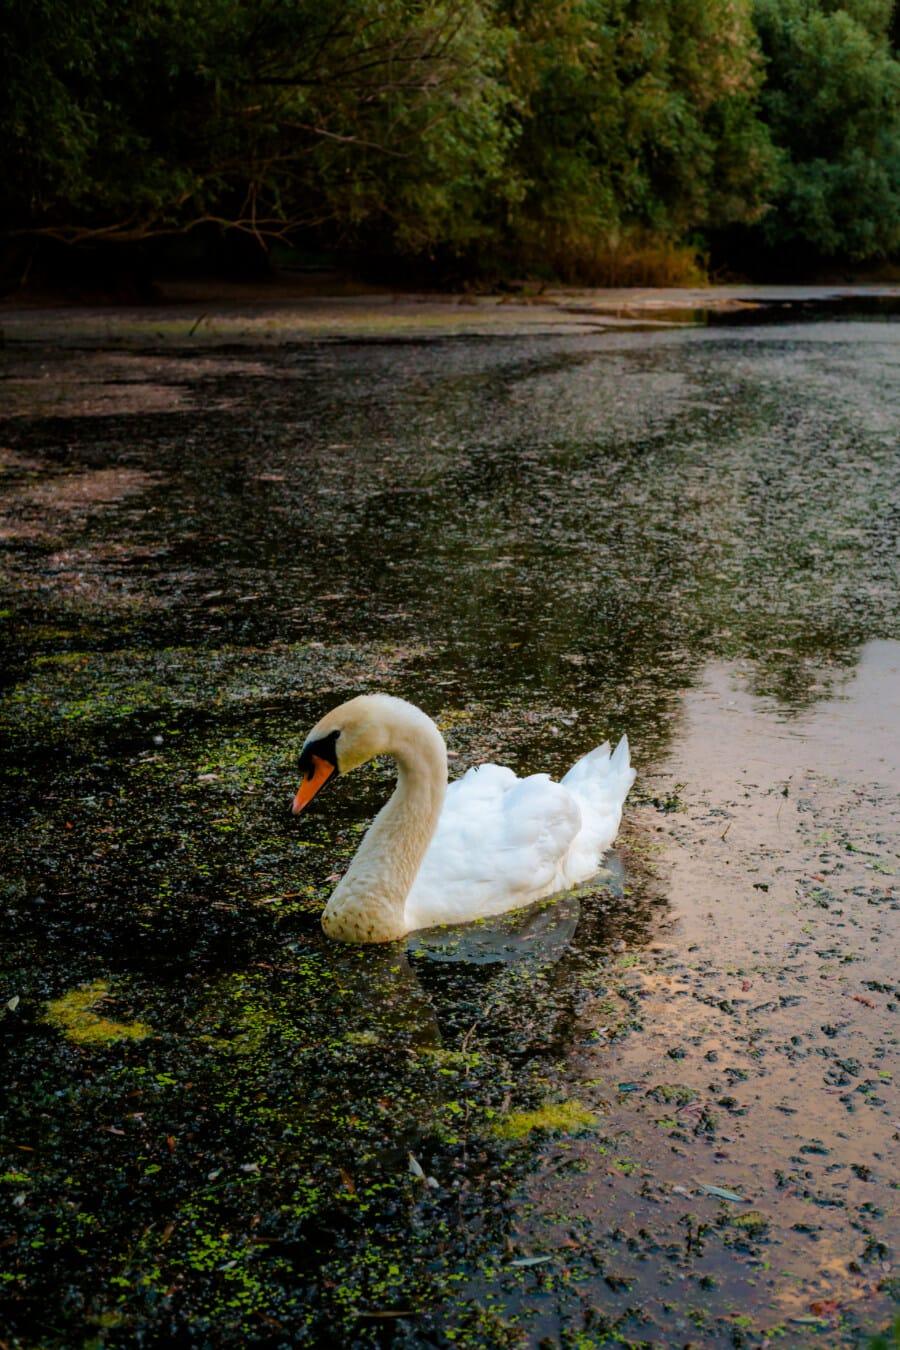 Sumpf, Marschland, aquatische Vogel, Wasserpflanze, Schwan, Wildnis, Tierwelt, Vogel, Wasservögel, Schnabel